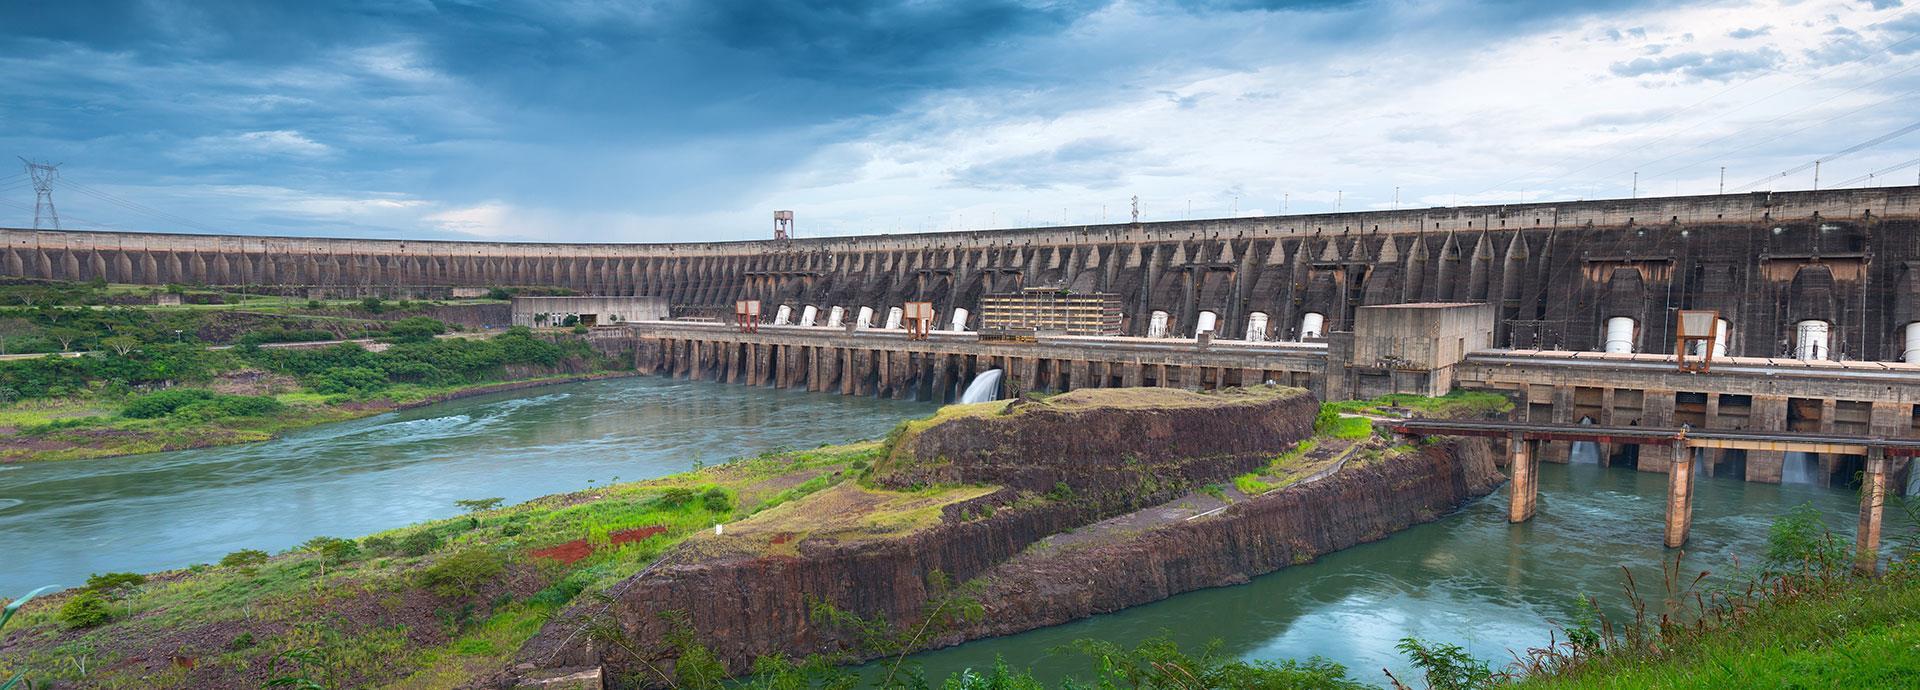 El valor de la flexibilidad en sistemas de energía con gran participación de generación hidroeléctrica: caso Brasil